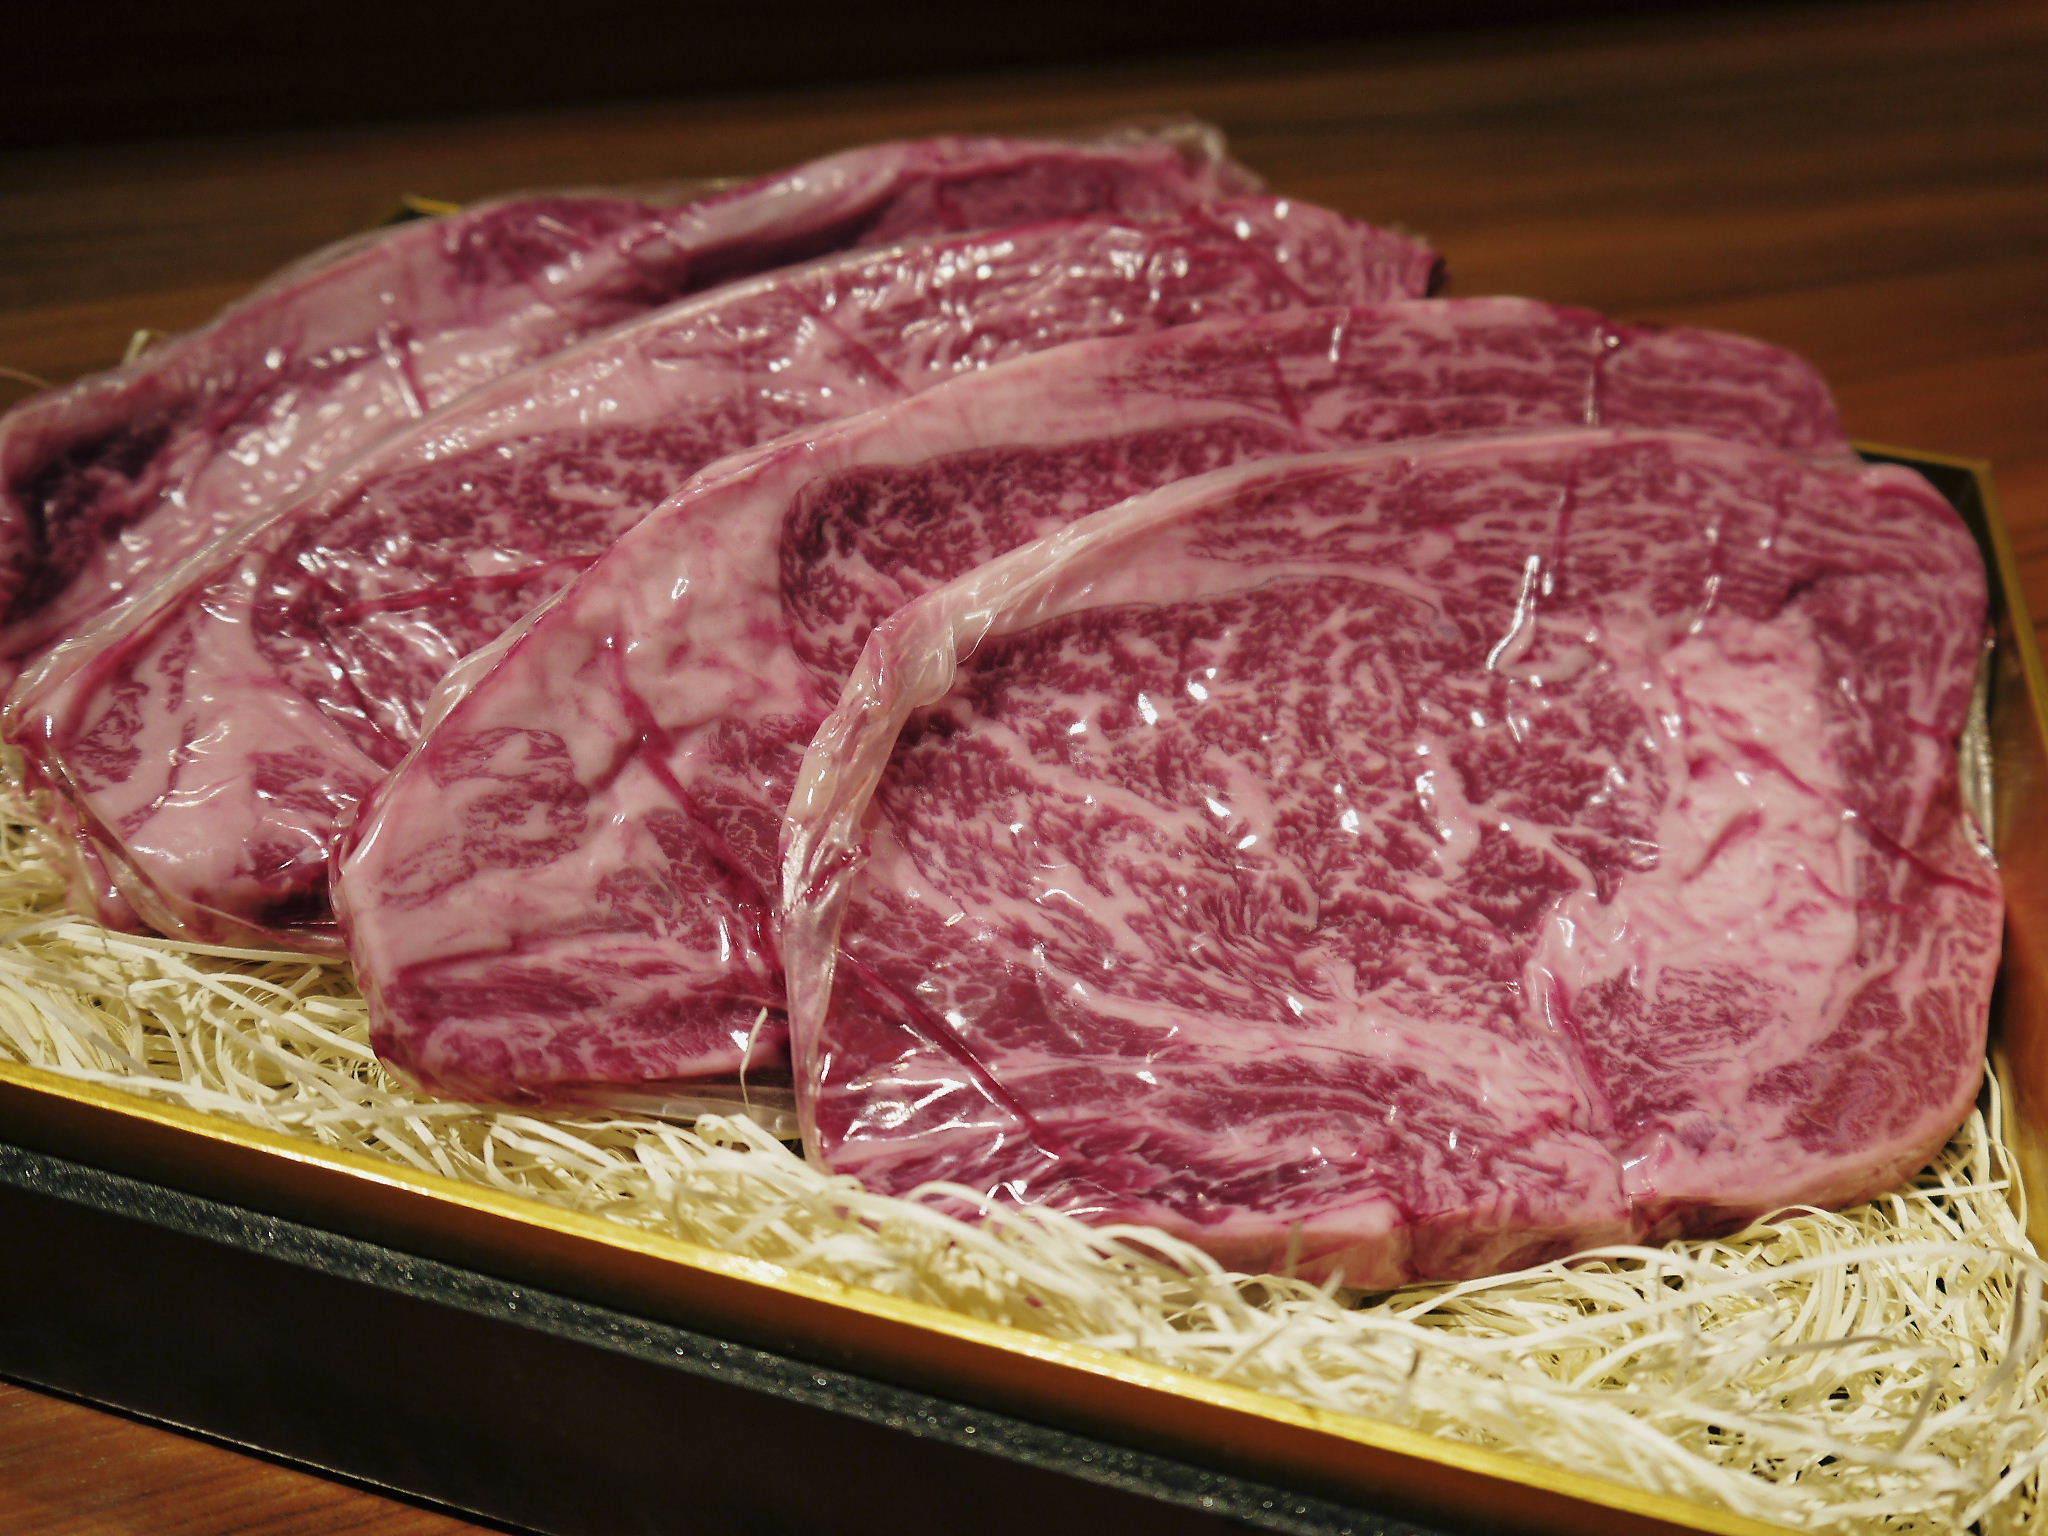 熊本県産黒毛和牛100%のハンバーグステーキをまもなく販売スタート!牧草も自ら育てるこだわり!_a0254656_20080135.jpg